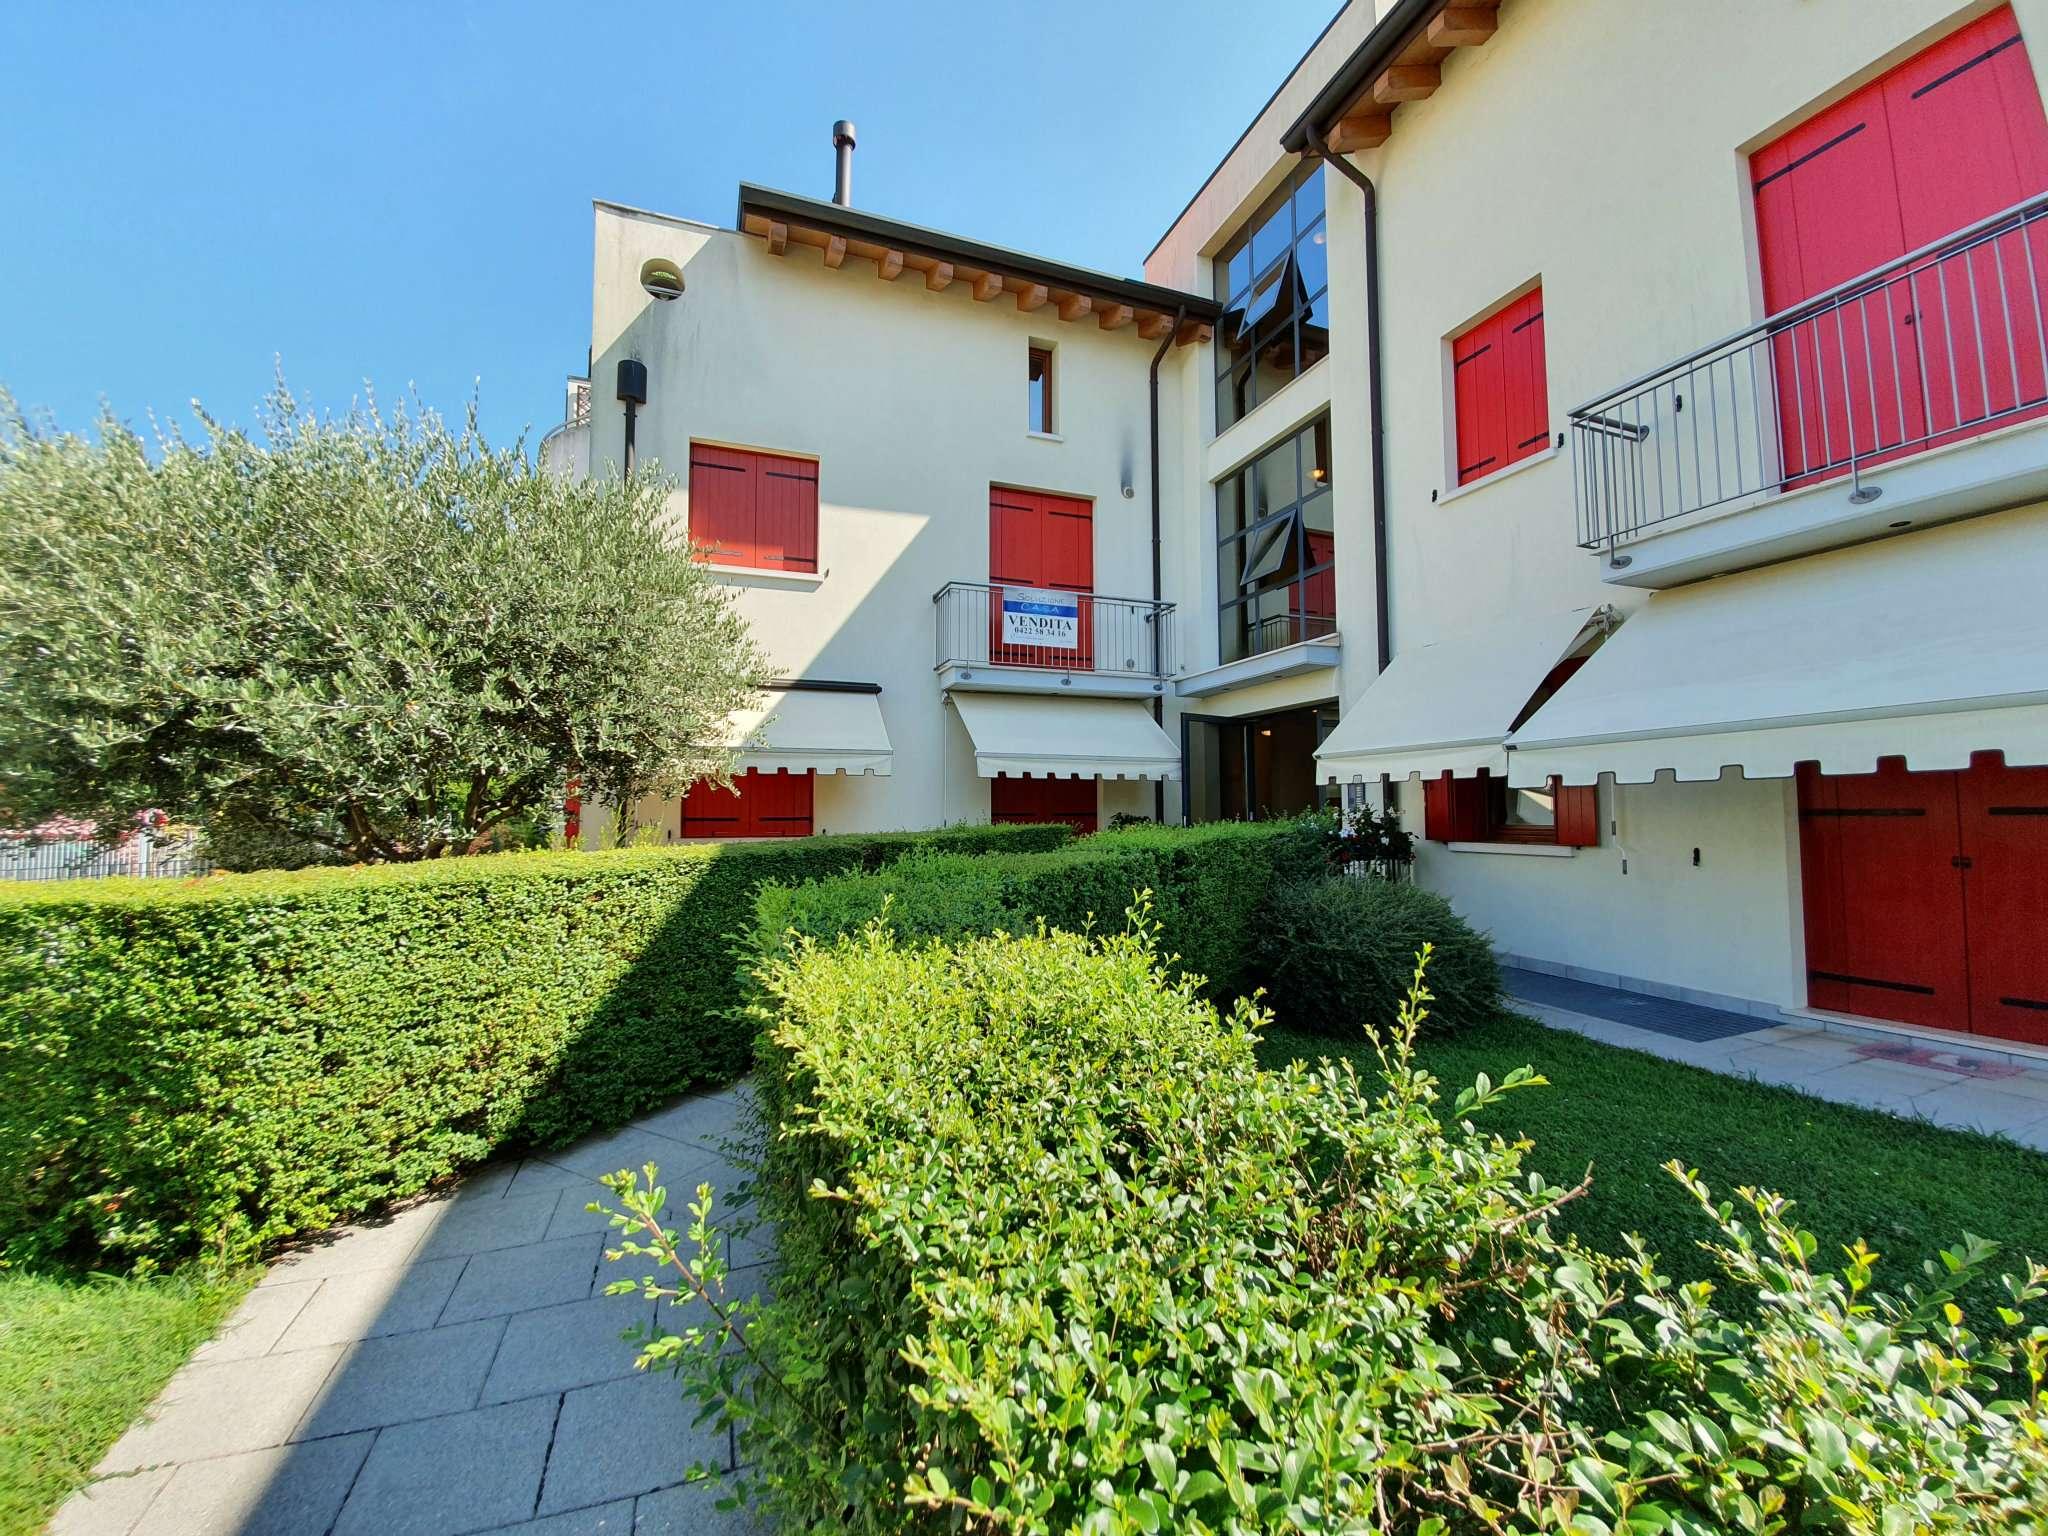 Appartamento in vendita a Oderzo, 2 locali, prezzo € 105.000 | CambioCasa.it